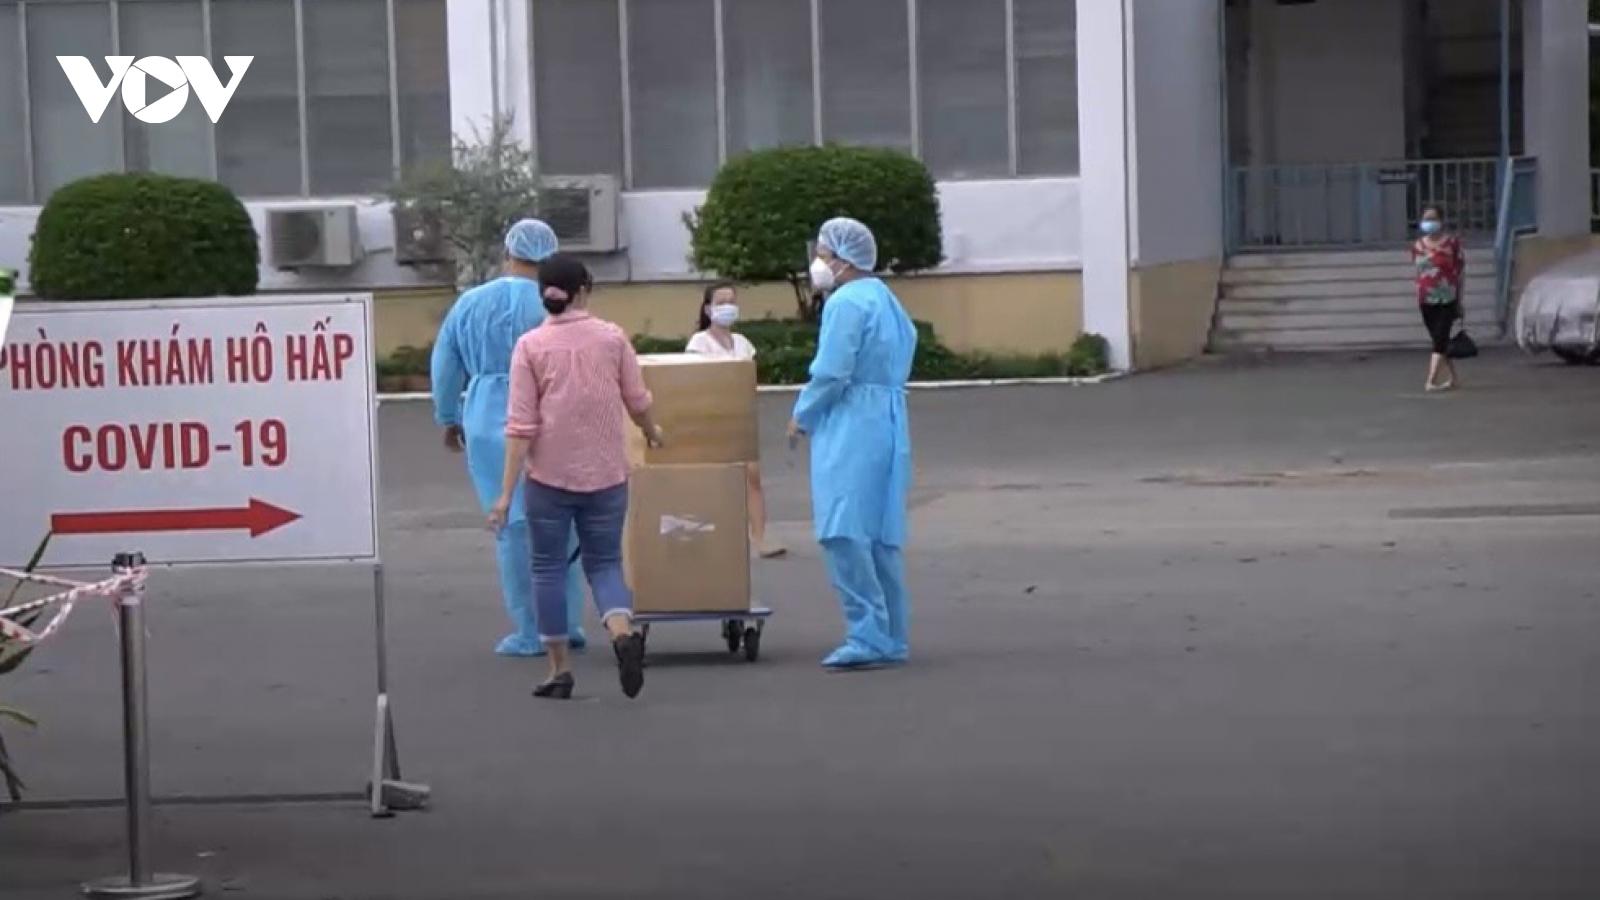 Thêm 31 nhân viên Bệnh viện Bệnh nhiệt đới TP.HCM dương tính SARS-CoV-2